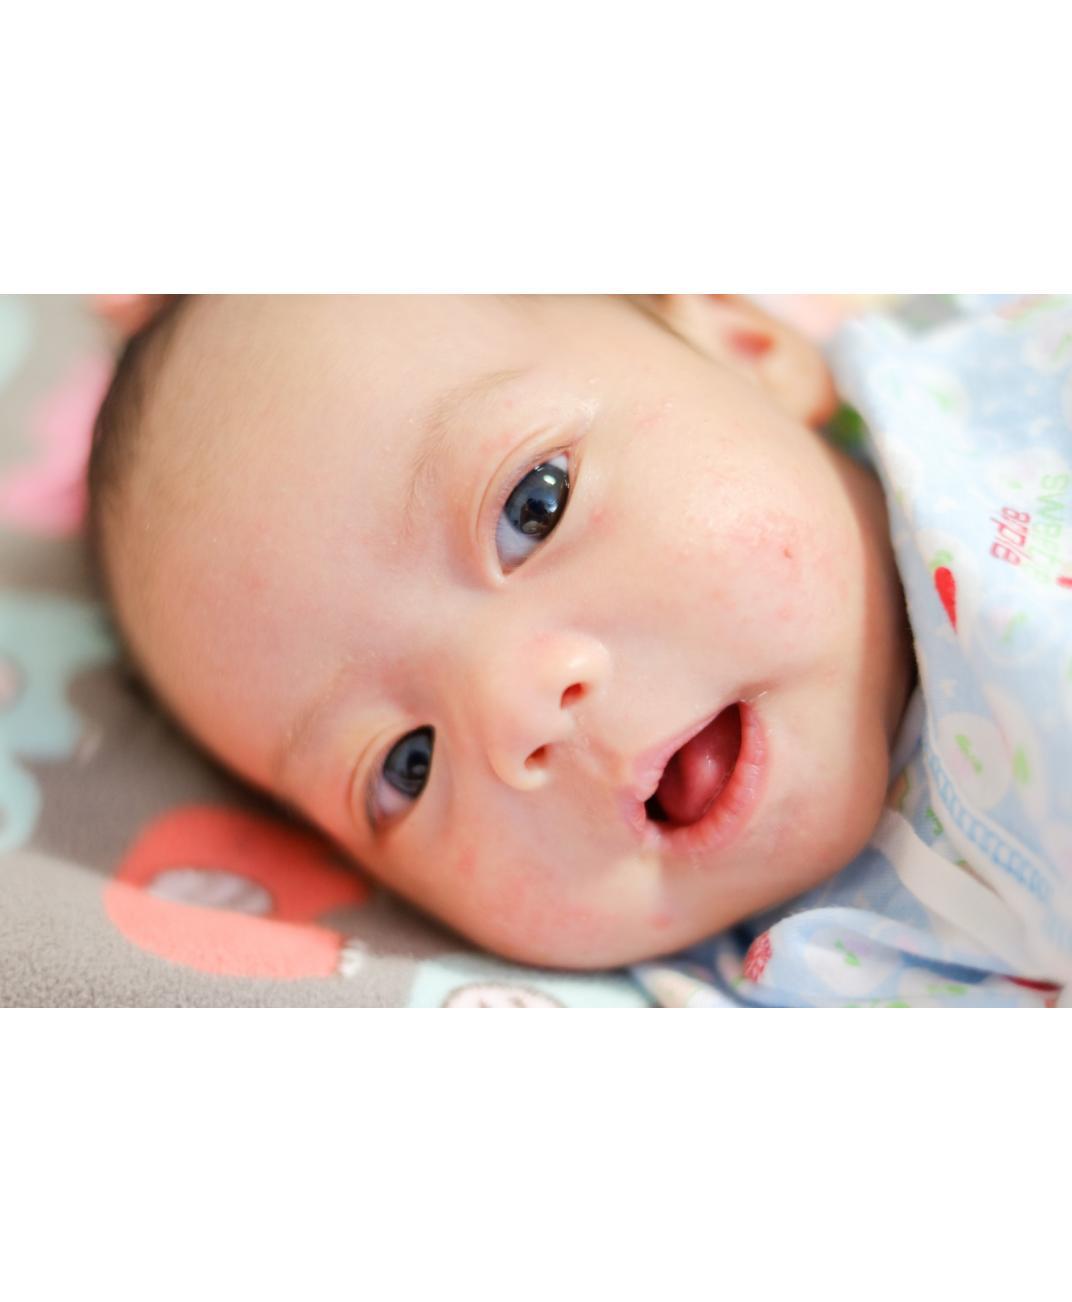 Bebeklerin Yüzünde Sivilce  Neden Olur Nasıl Geçer?